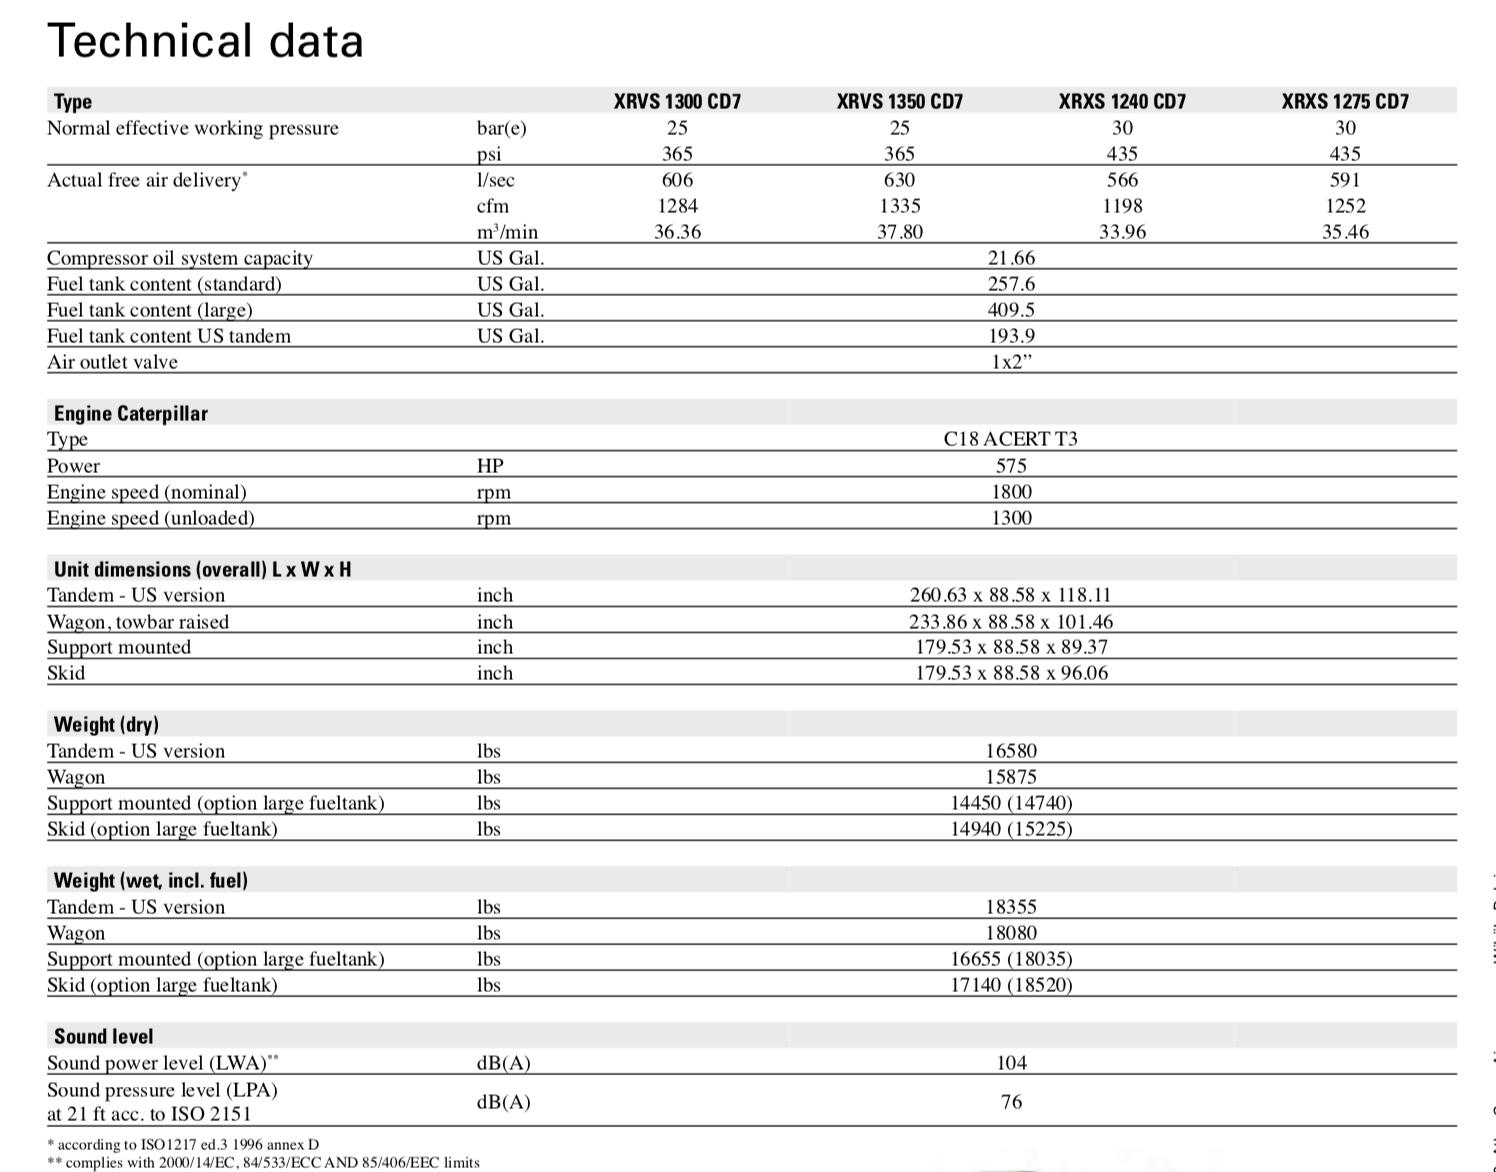 در این جدول مشخصات فنی مدلهای XRVS 1300 CD7 ، XRVS 1350 CD7 ، XRXS 1240 CD7 و XRXS 1275 CD7 آمده است که همگی برای حفاری گزینههایی ایدهآل محسوب می شوند.